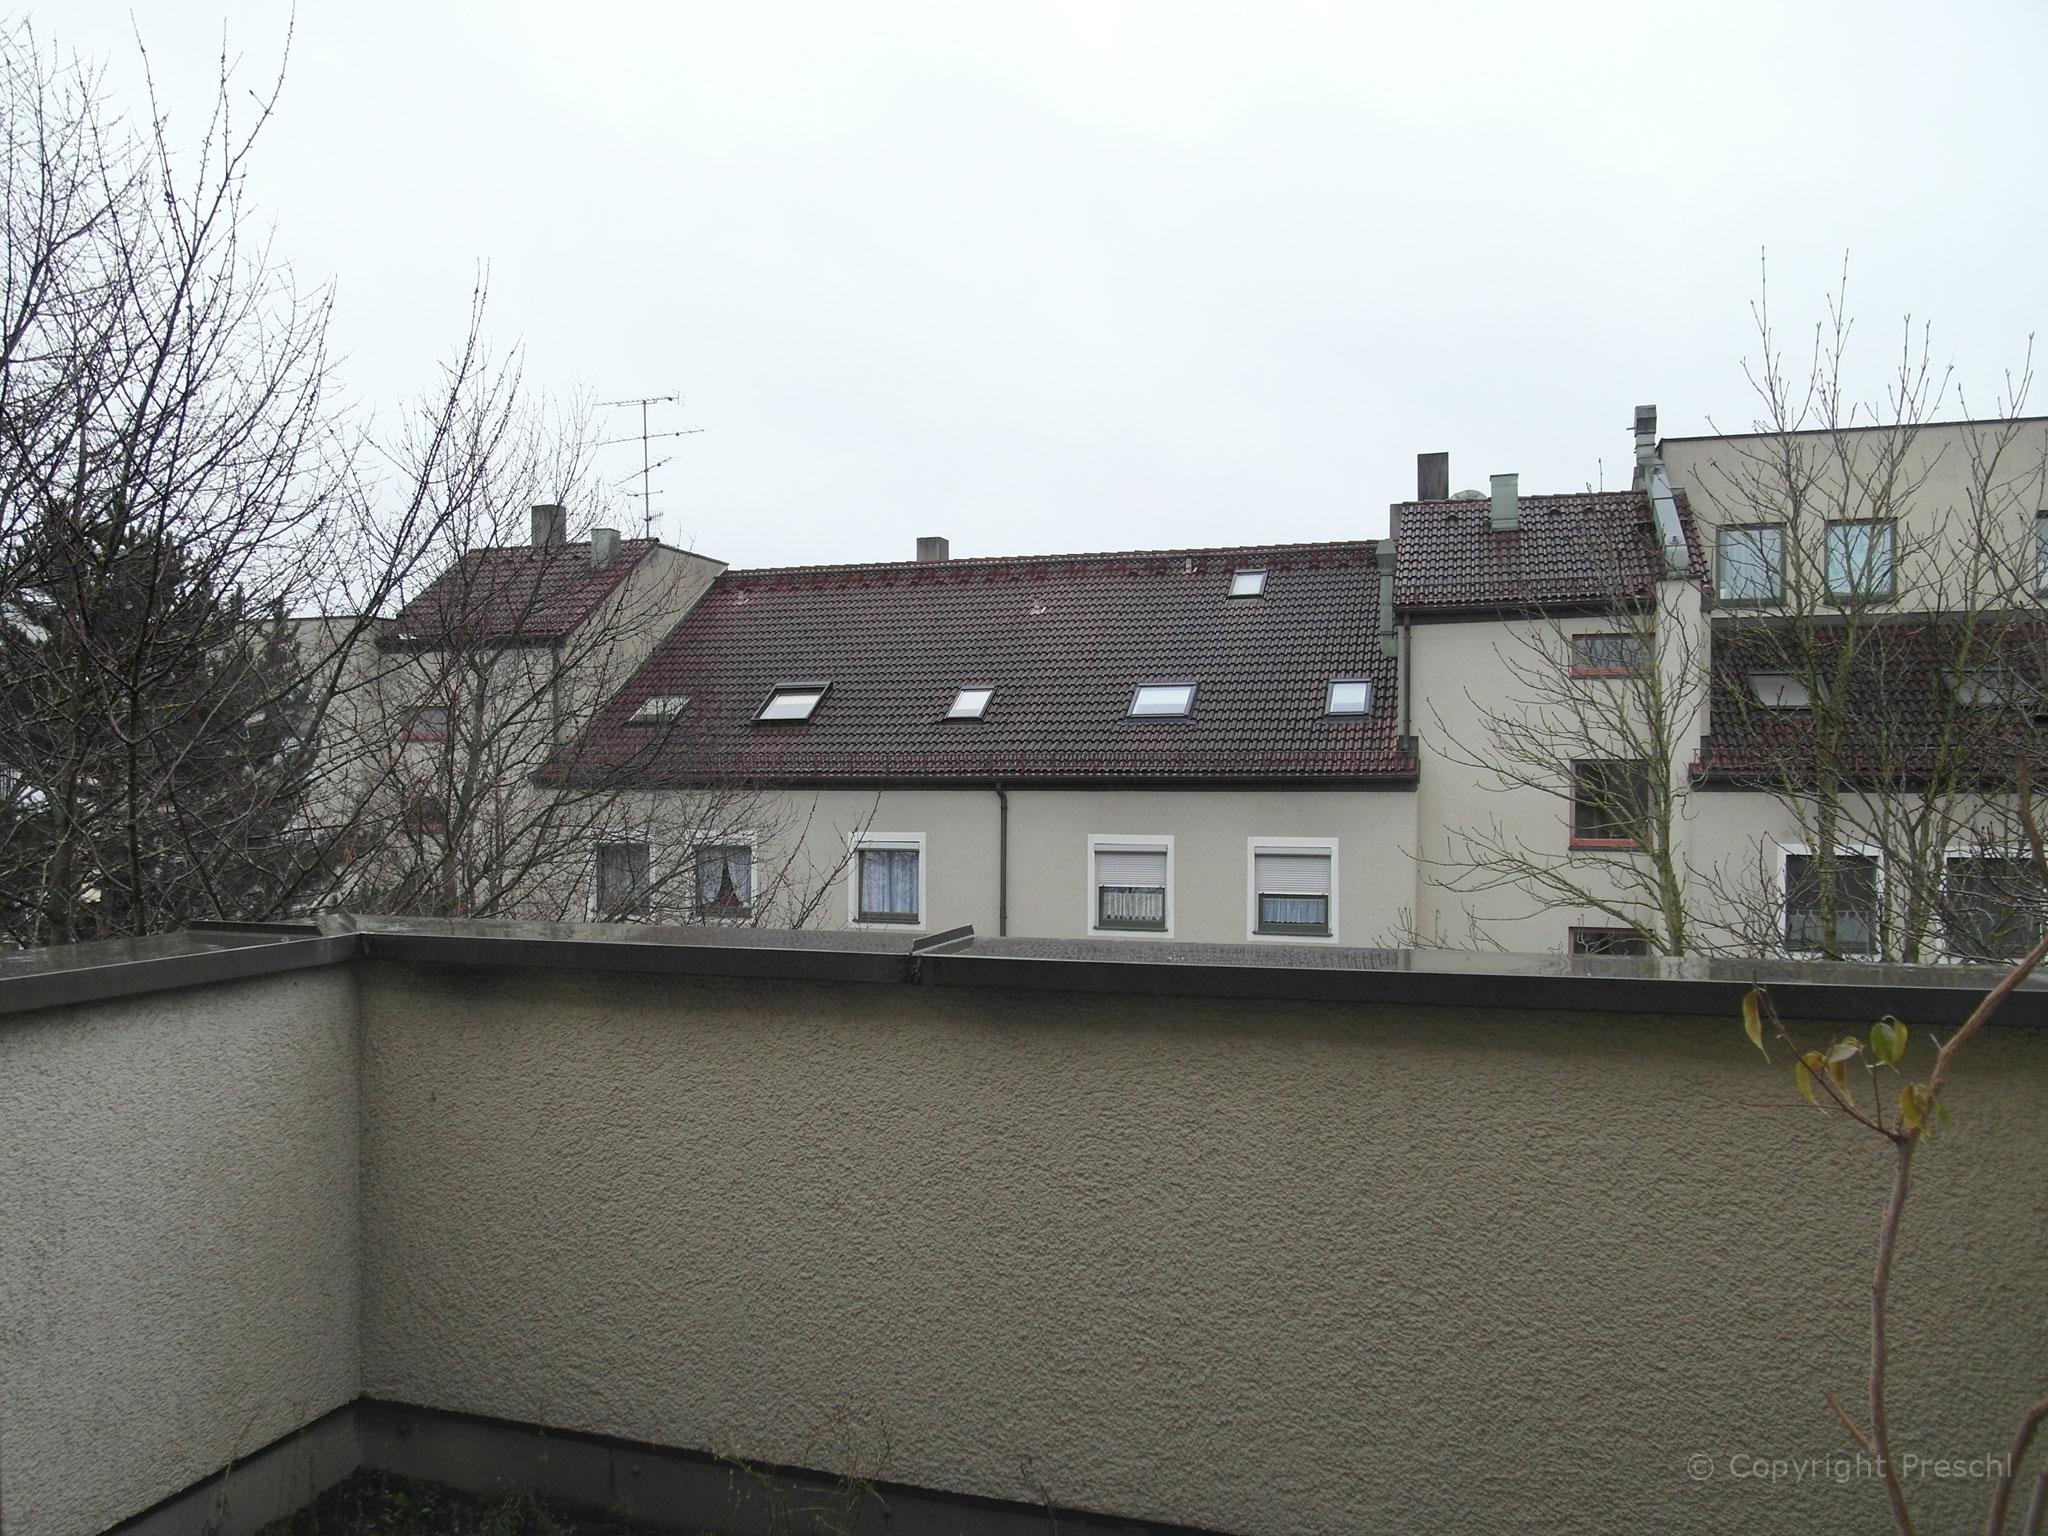 Dachterrasse im Winter